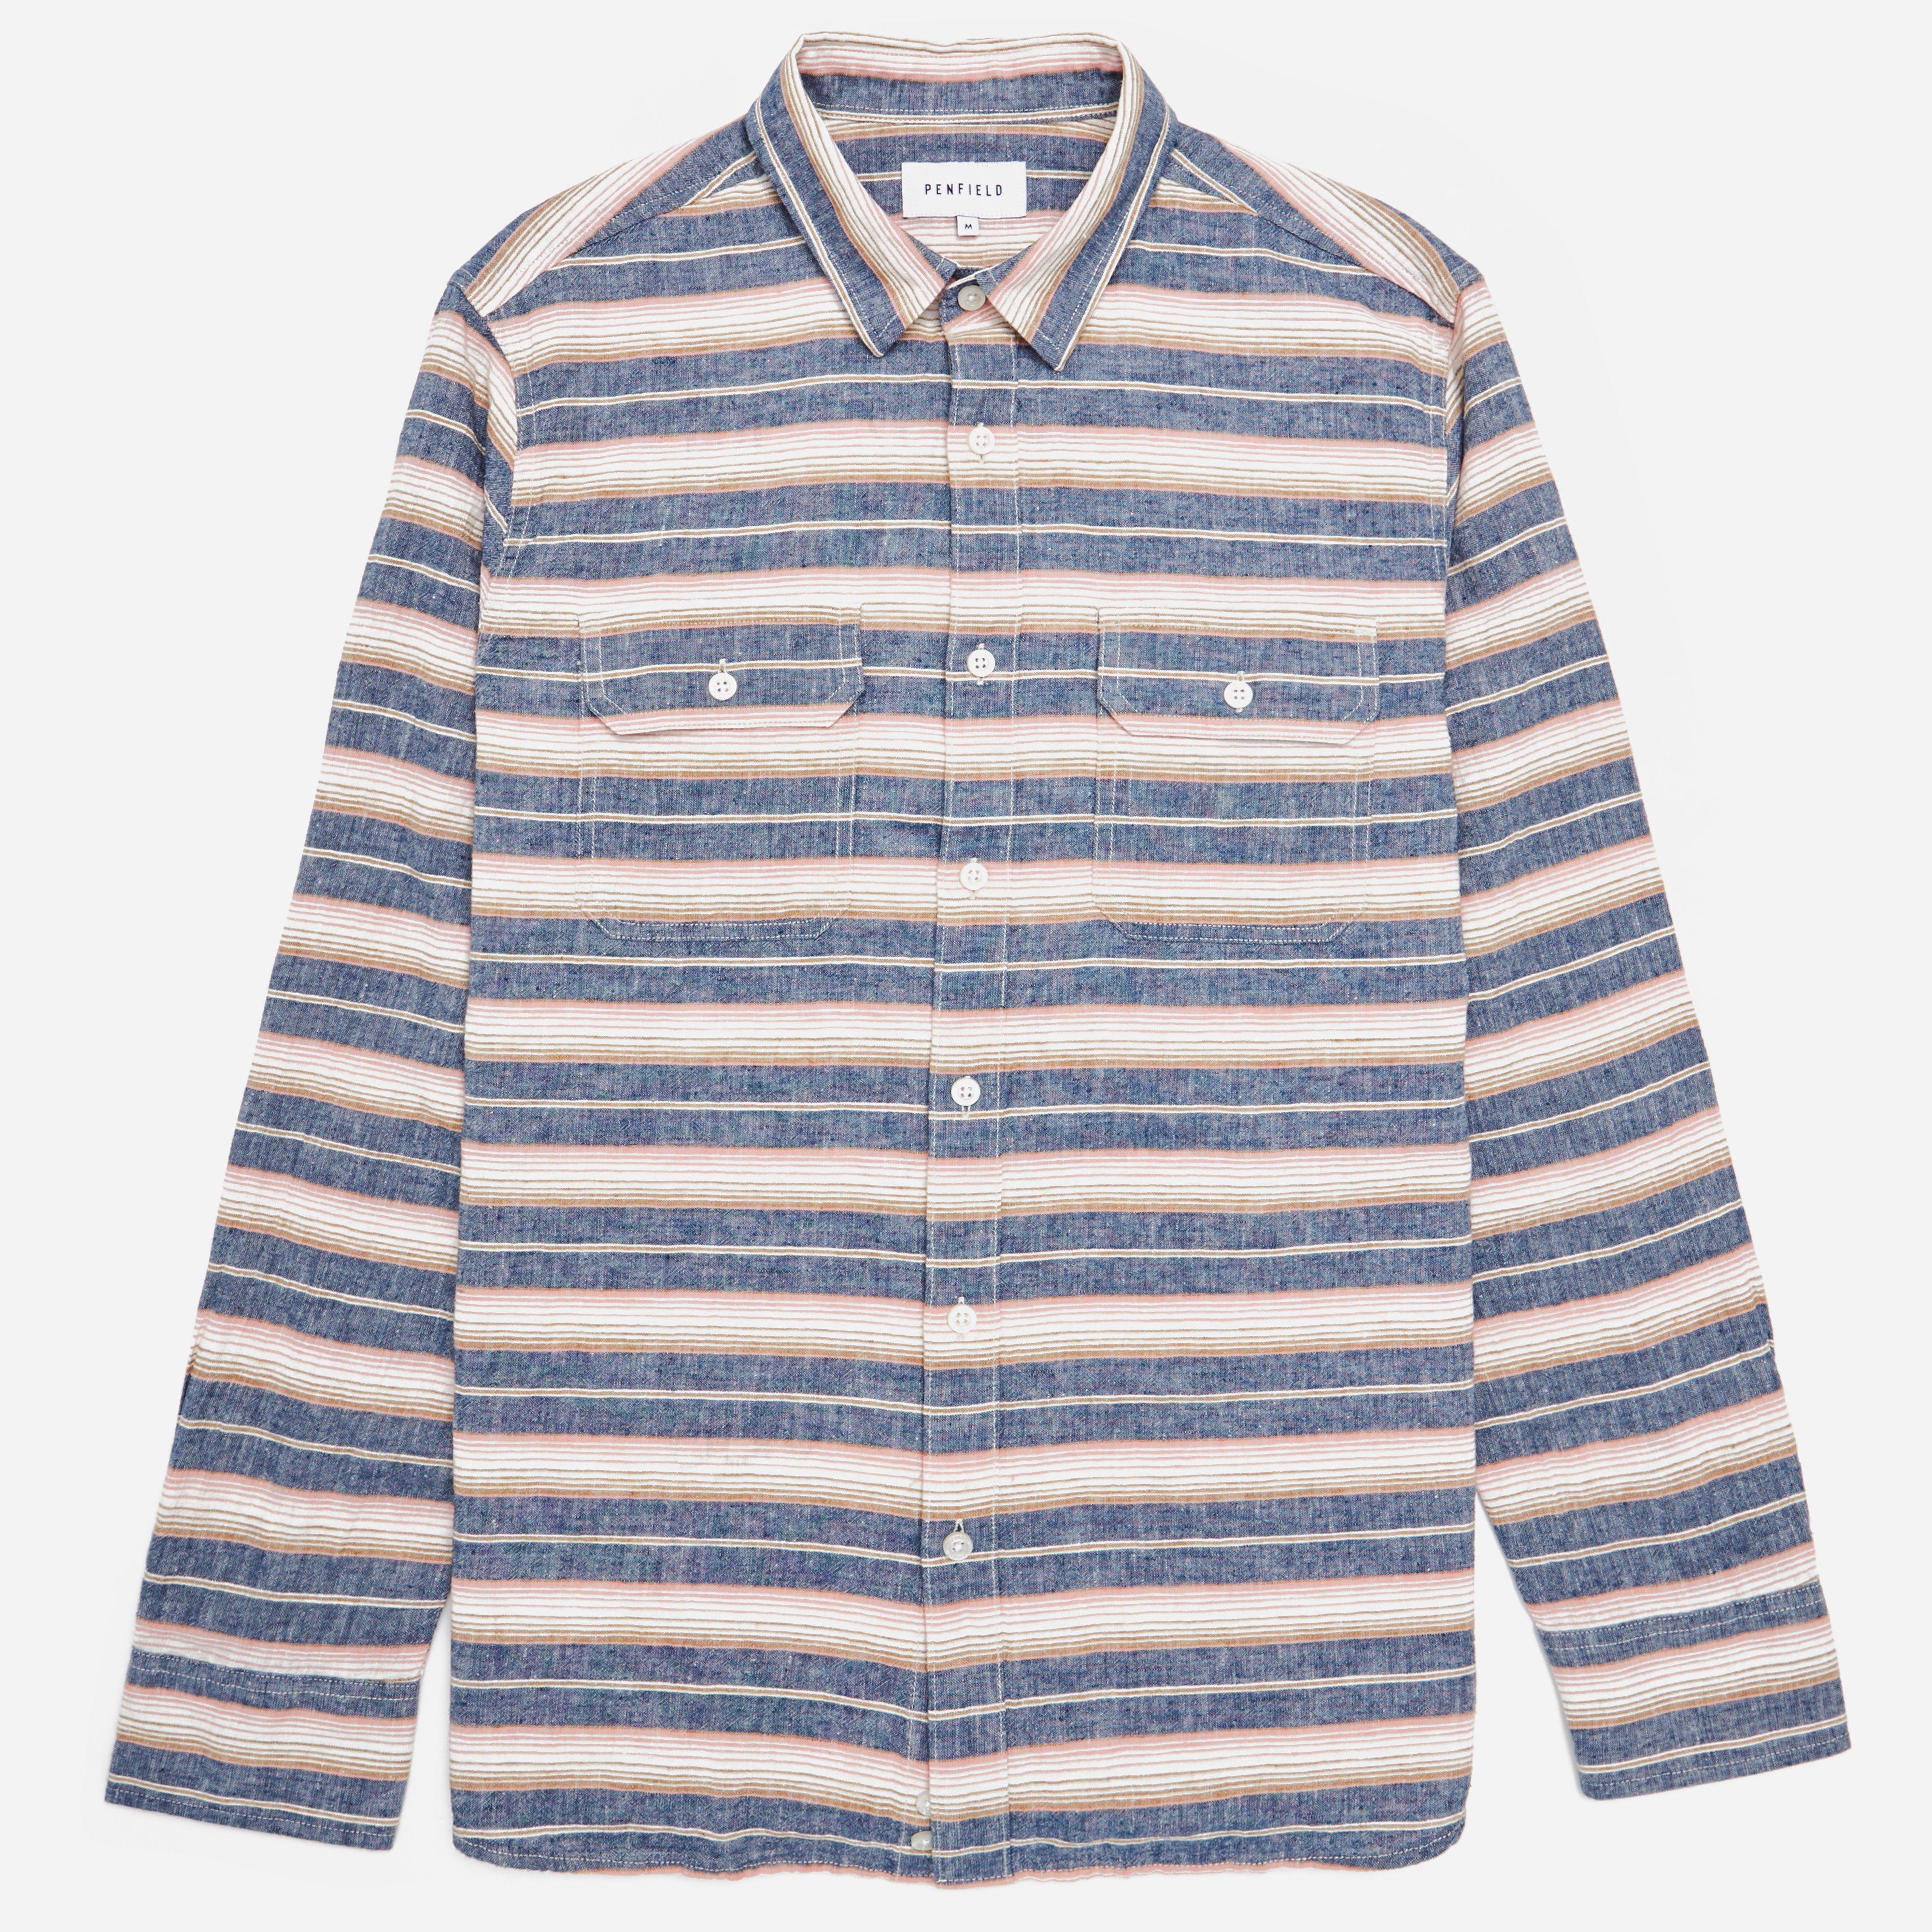 Penfield Hammat Stripe Shirt